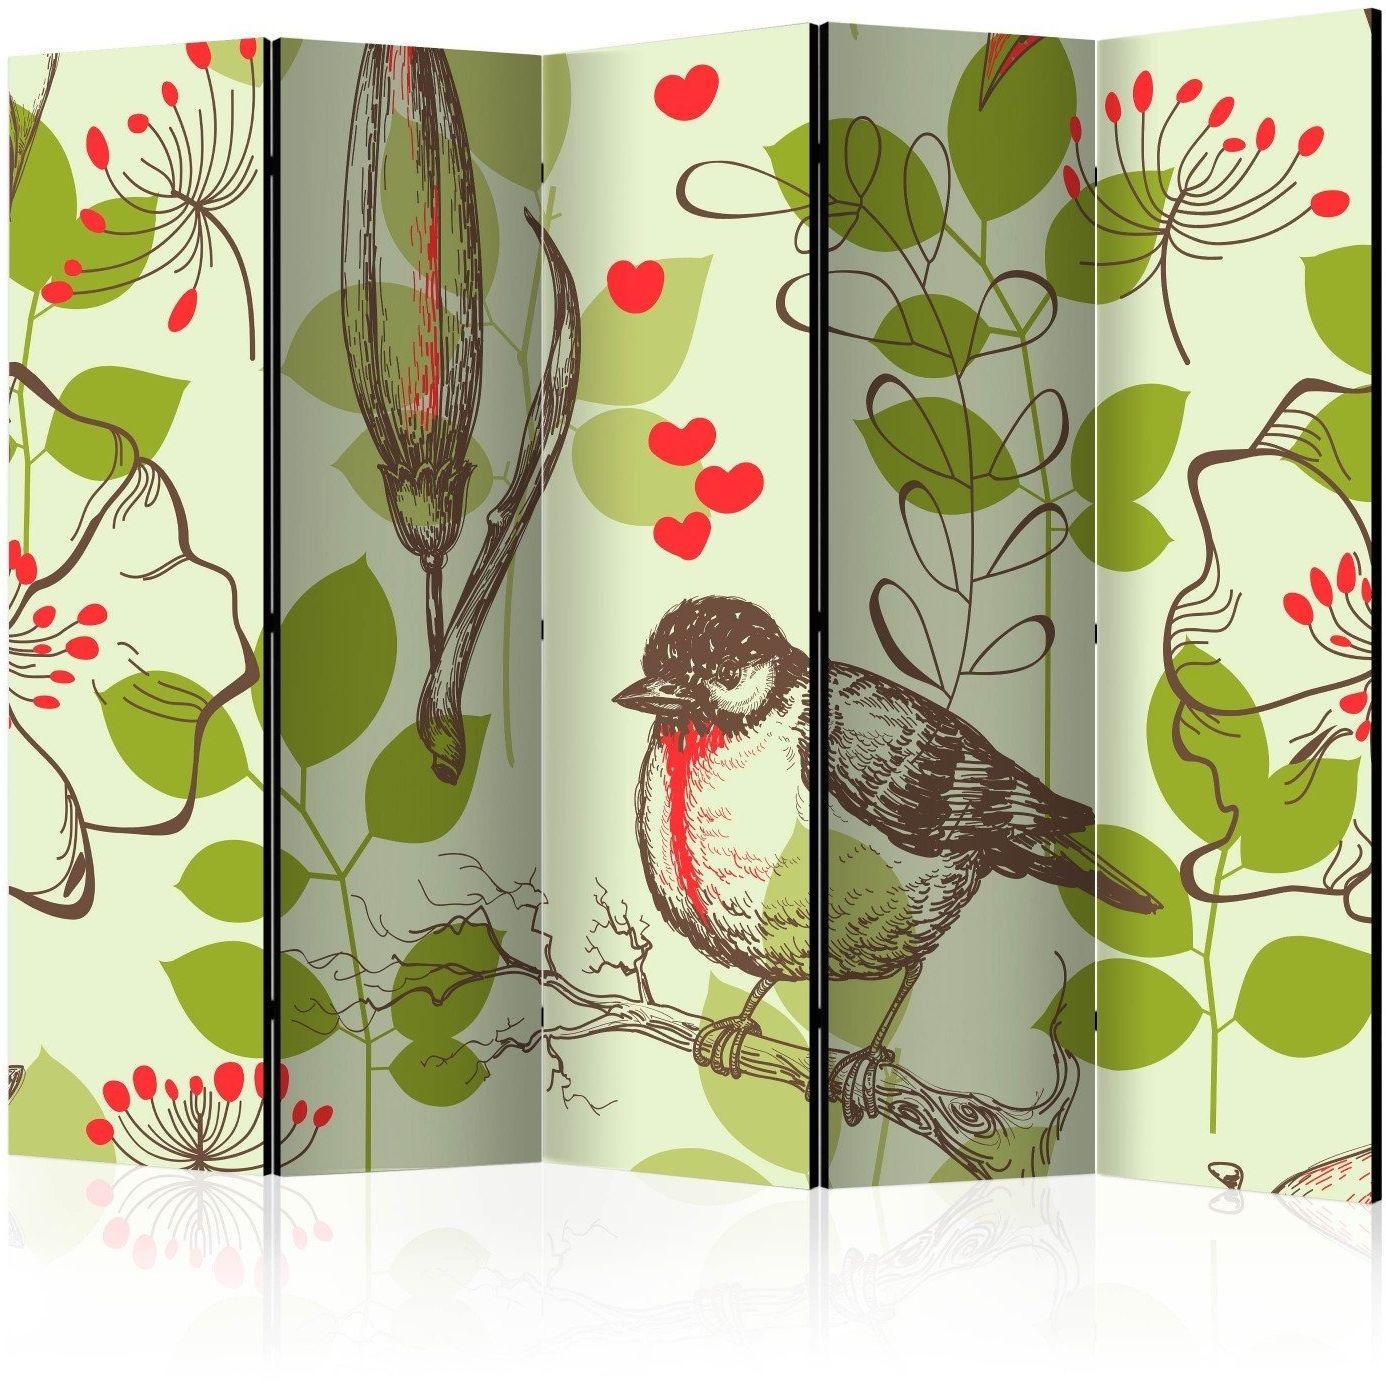 Parawan 5-częściowy - ptak i lilie - motyw vintage ii [room dividers]